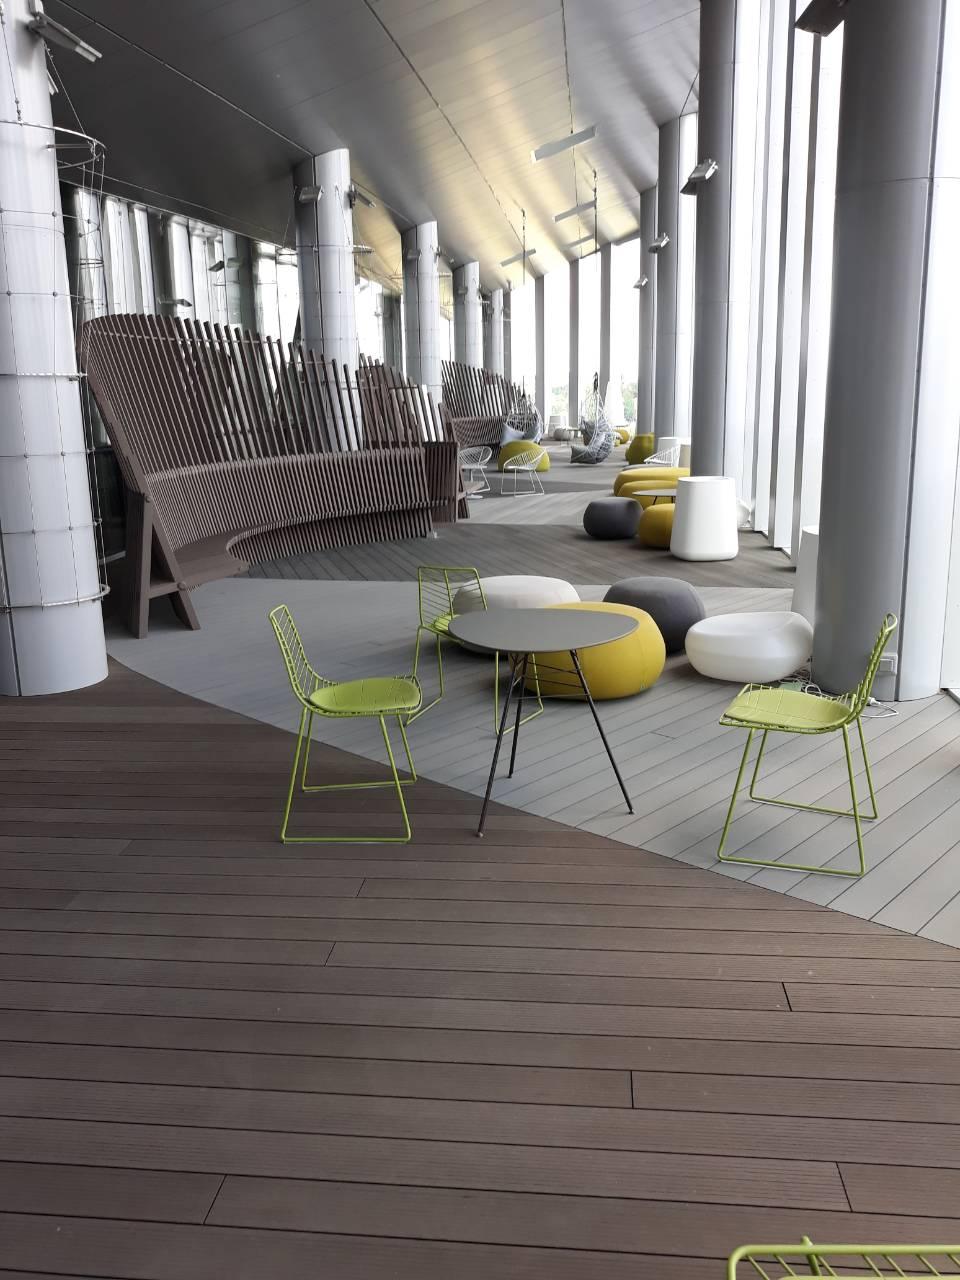 Viename iš šiuolaikiškiausių verslo centrų, Vilniuje, buvo įrengta moderni Inowood terasa